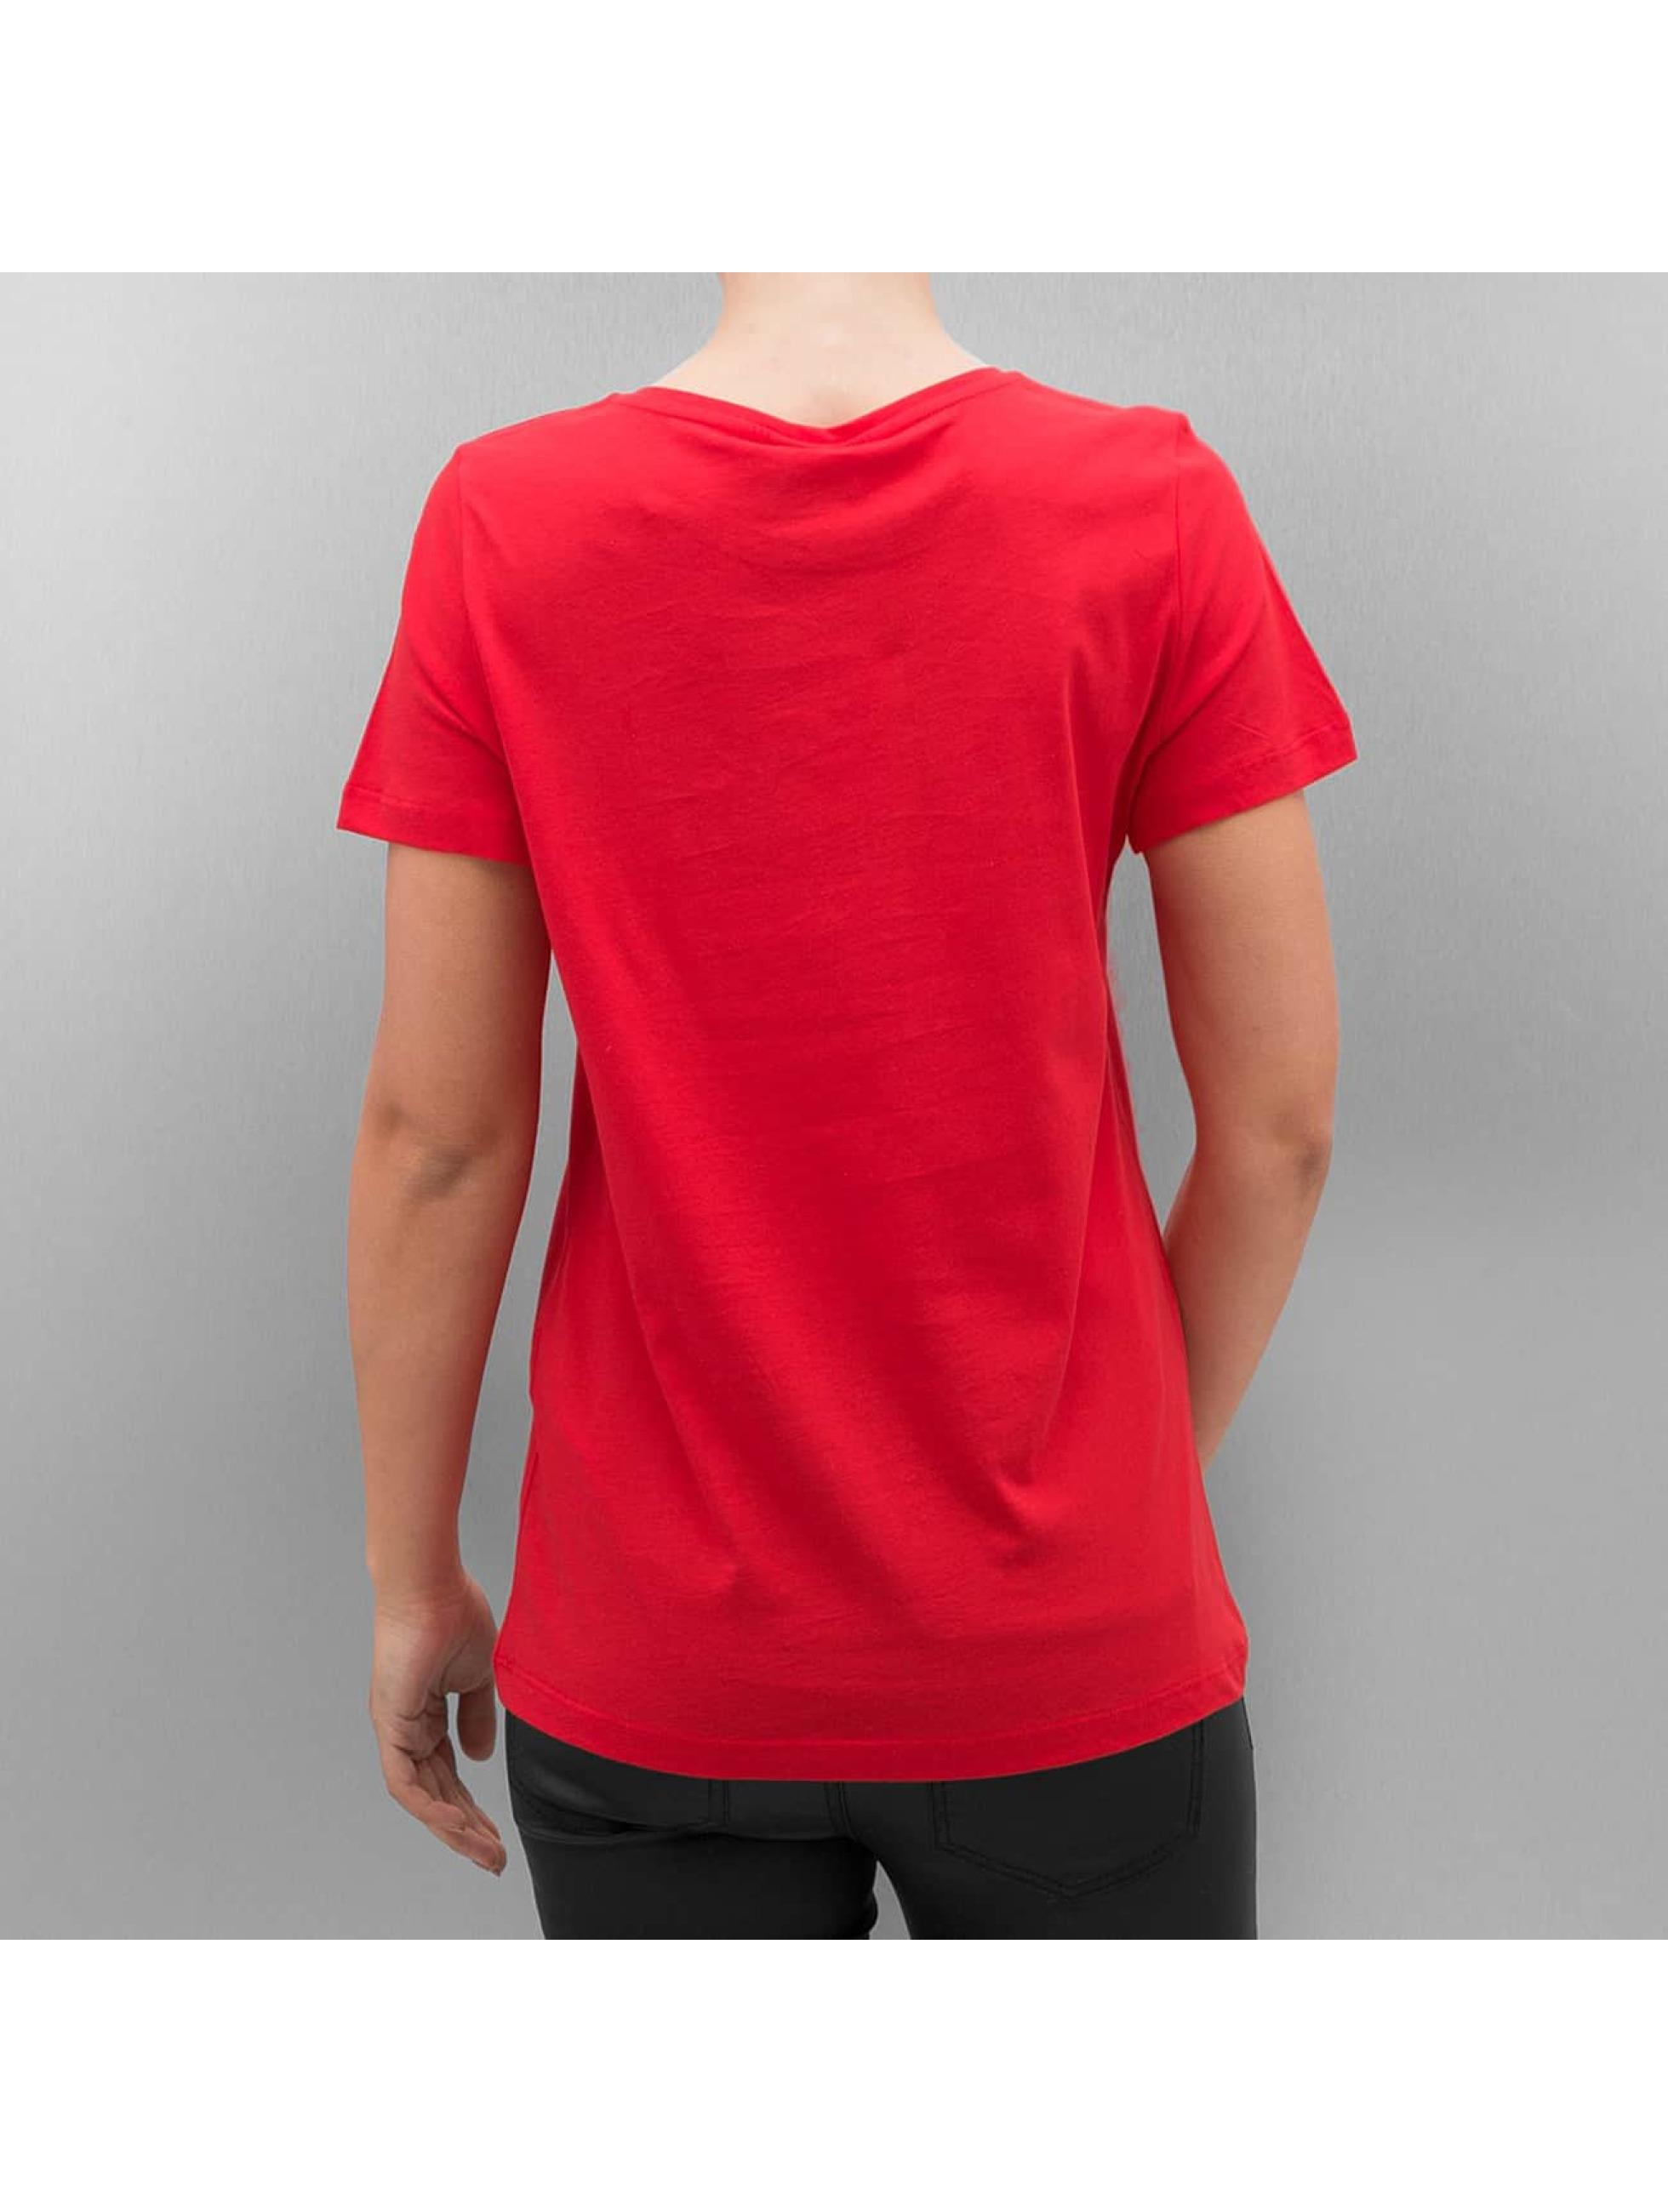 Vero Moda T-shirt VmMy Christmas rosso